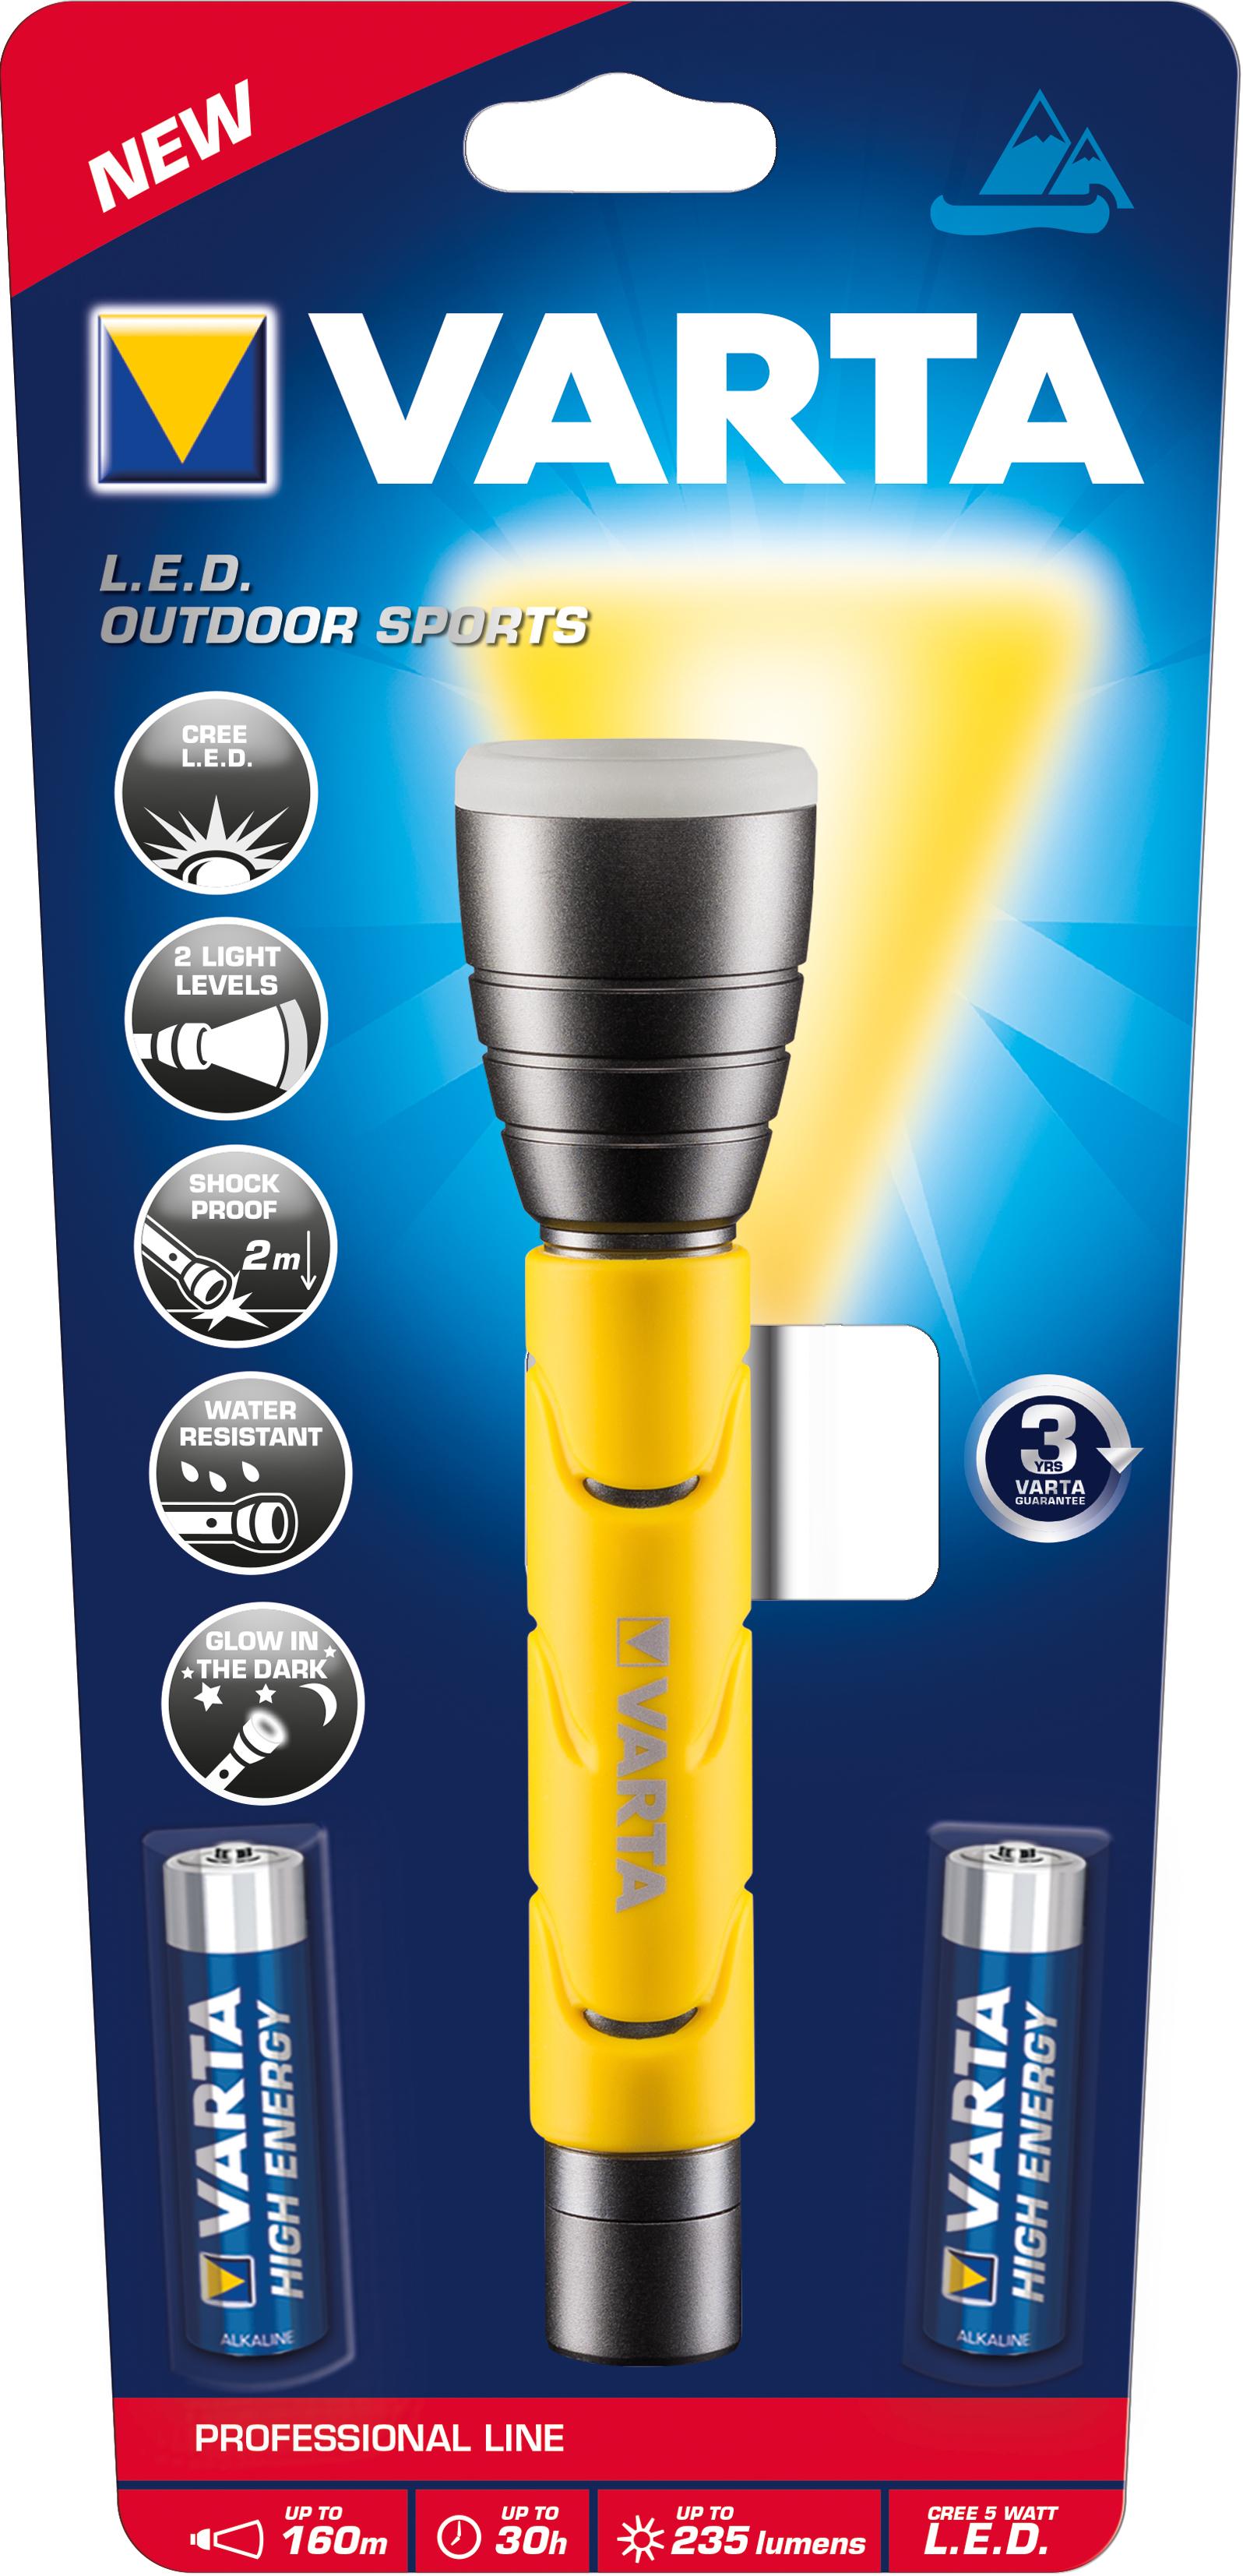 Varta 18628101421 - Hand-Blinklicht - Schwarz - Gelb - LED - 1 Lampen - 235 lm - 160 m